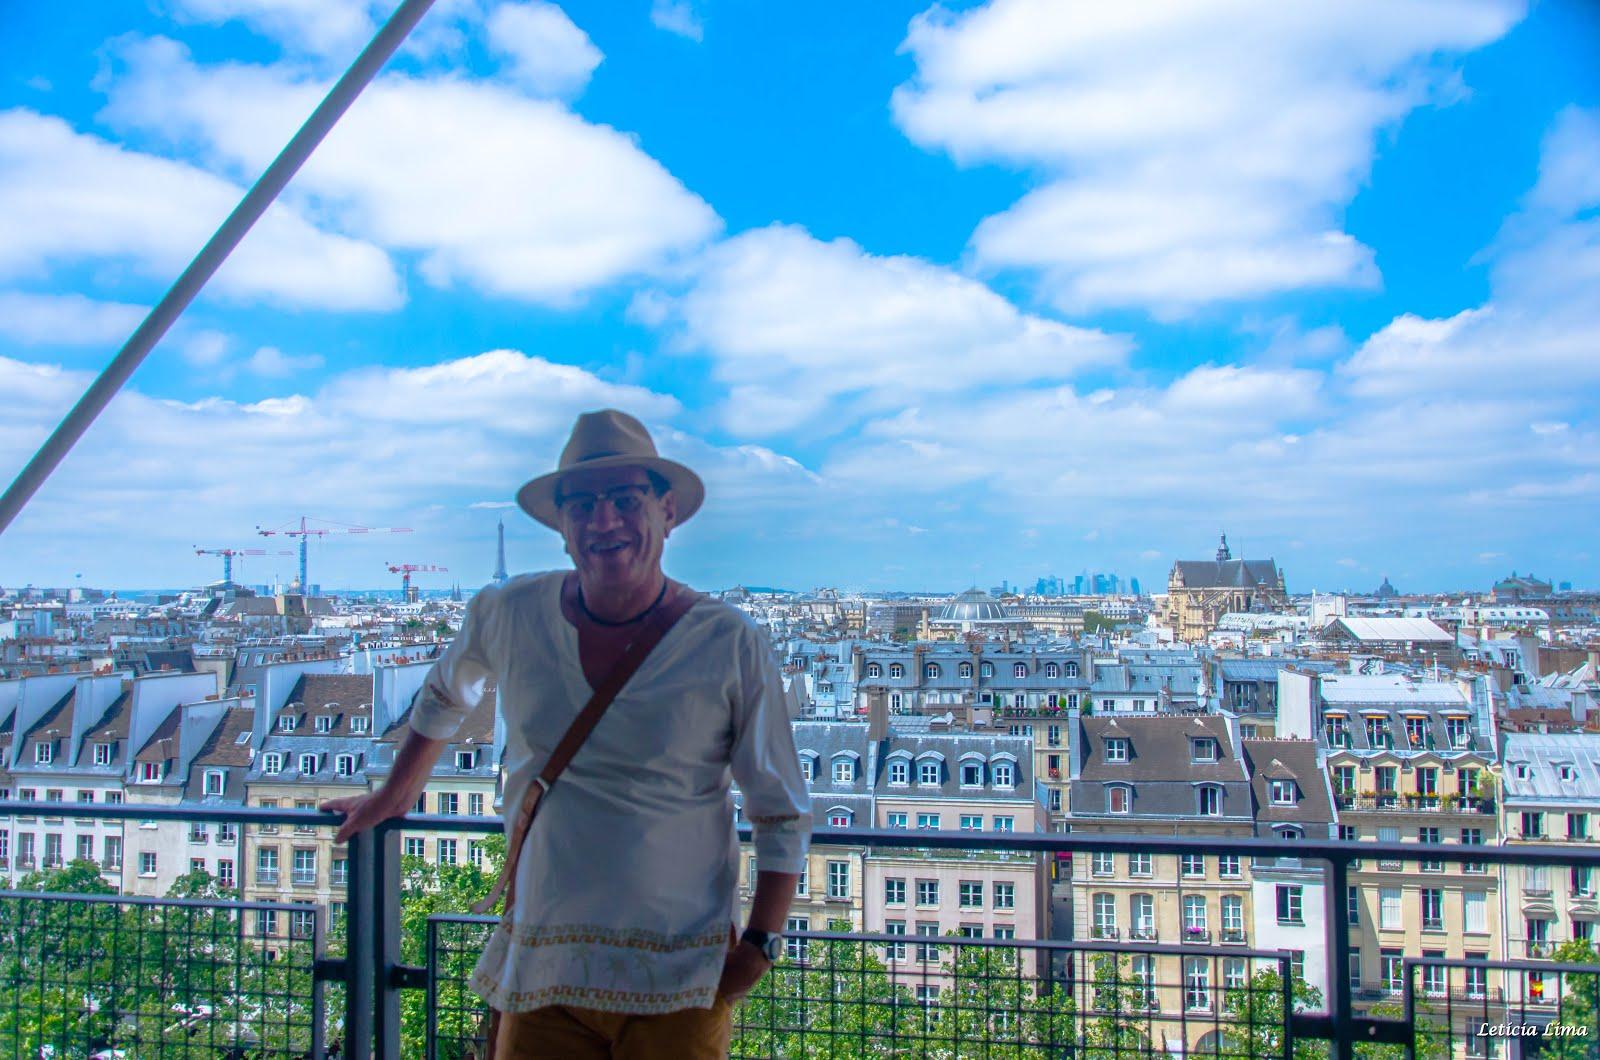 MUSEU DE ARTE MODERNA POMPIDOU - PARIS